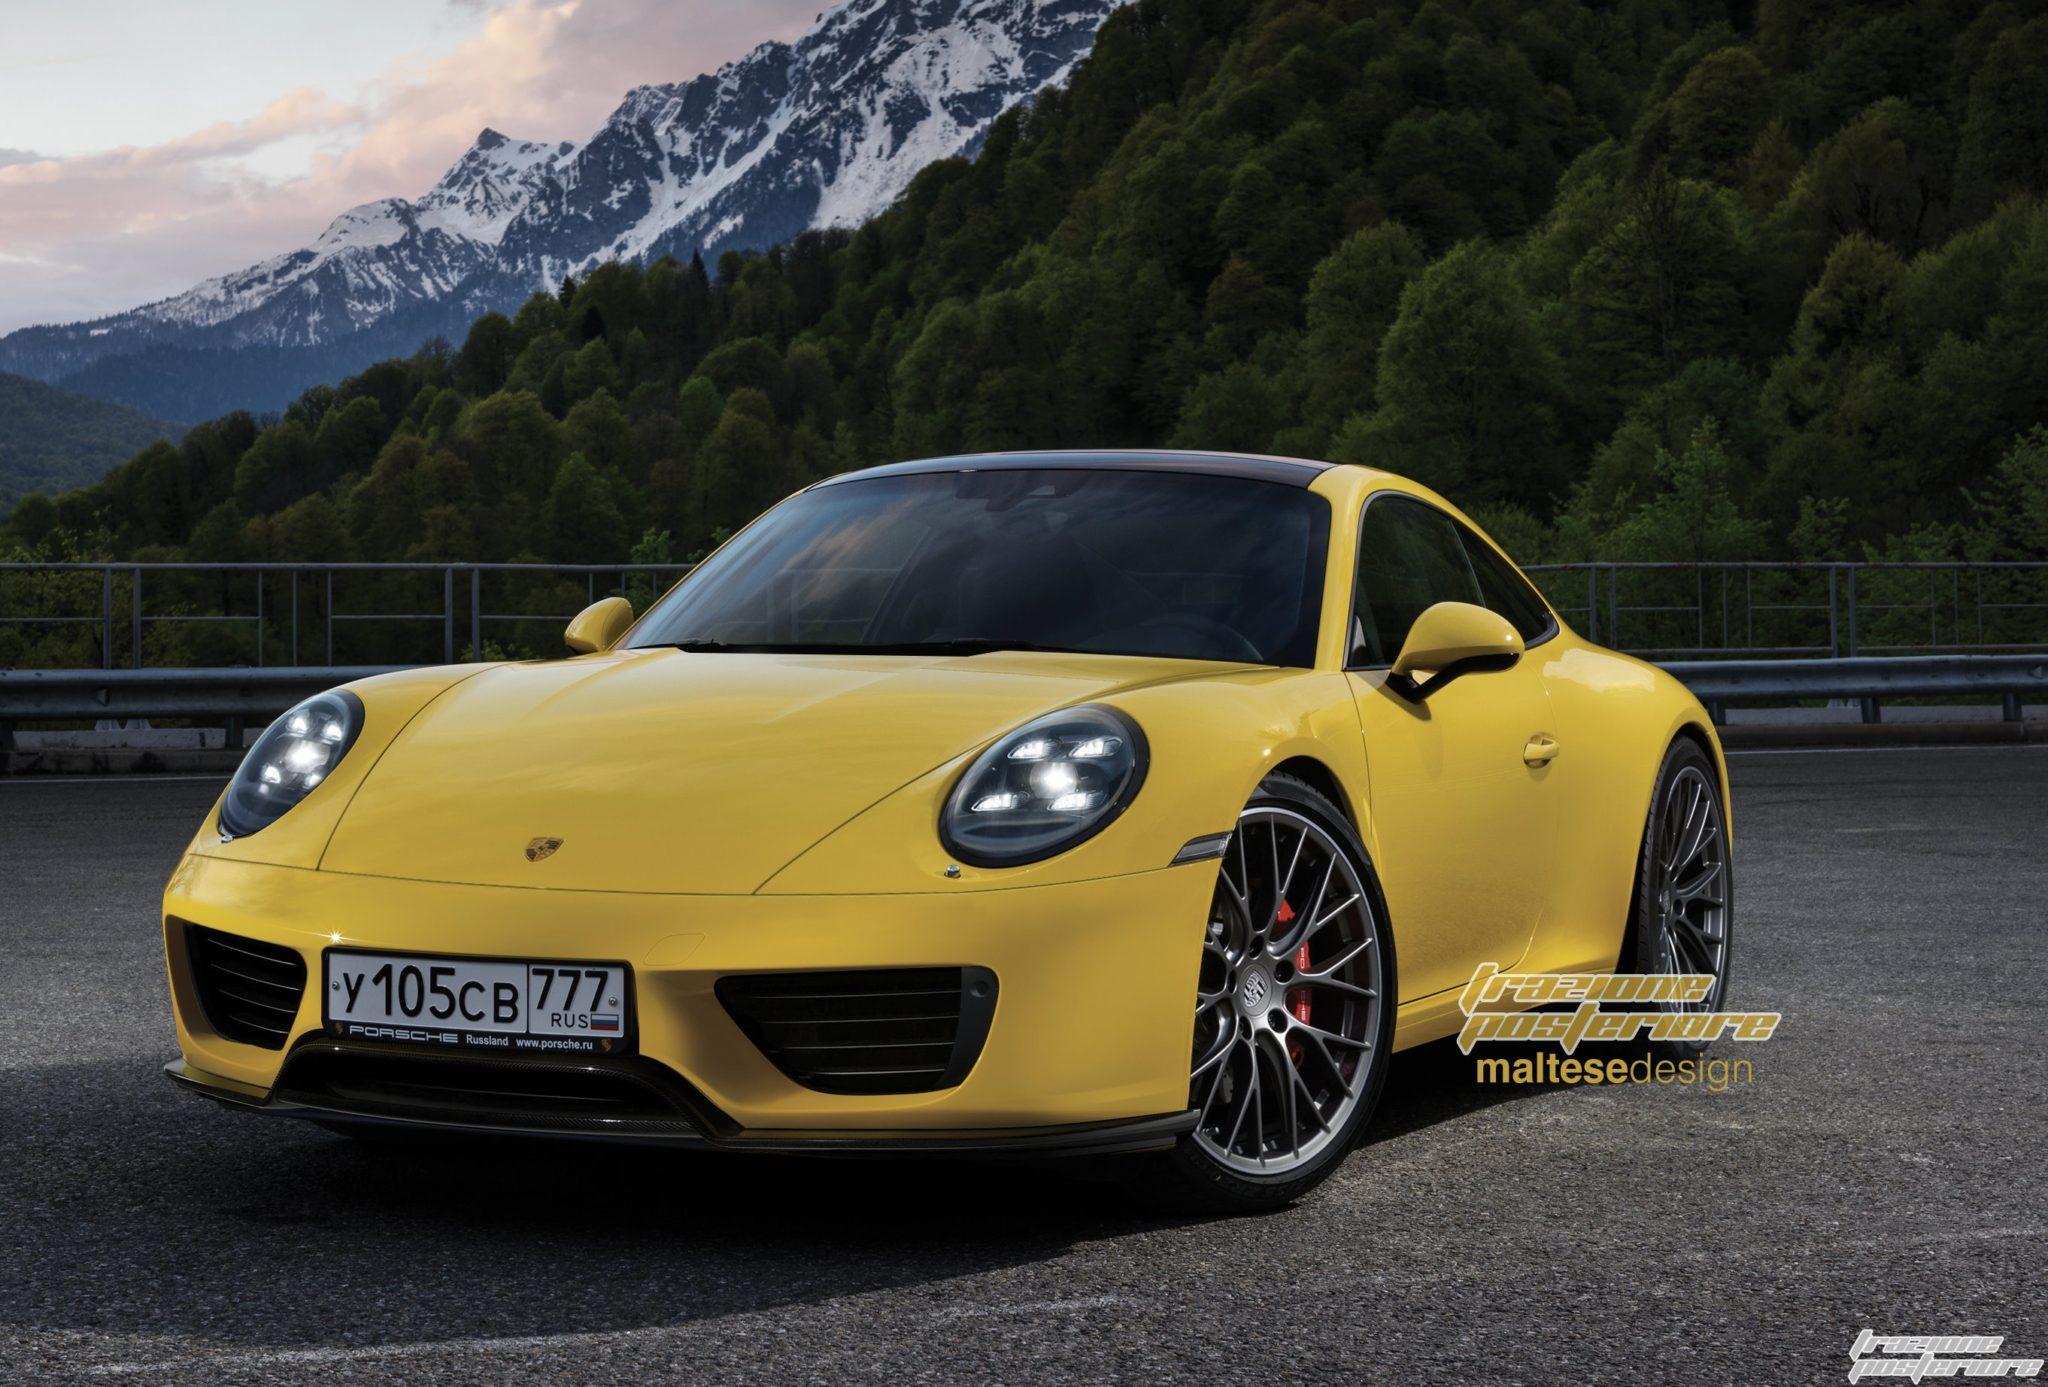 2019 Porsche 911 rendering